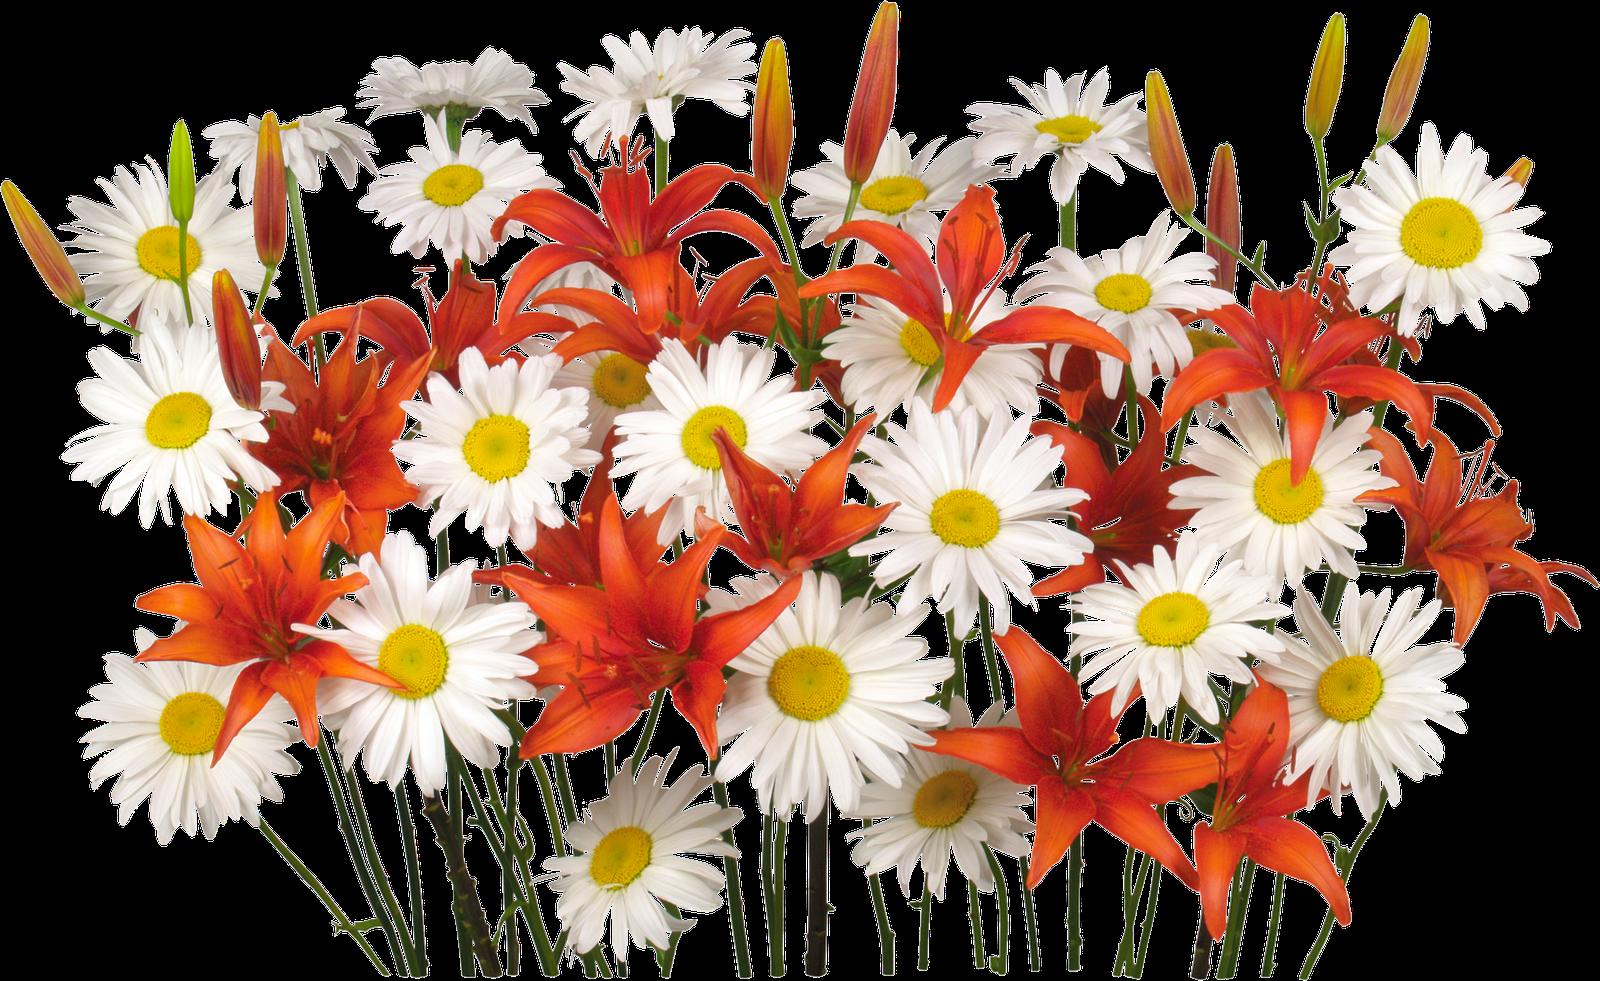 Resultado de imagen para ramos de flores animados png